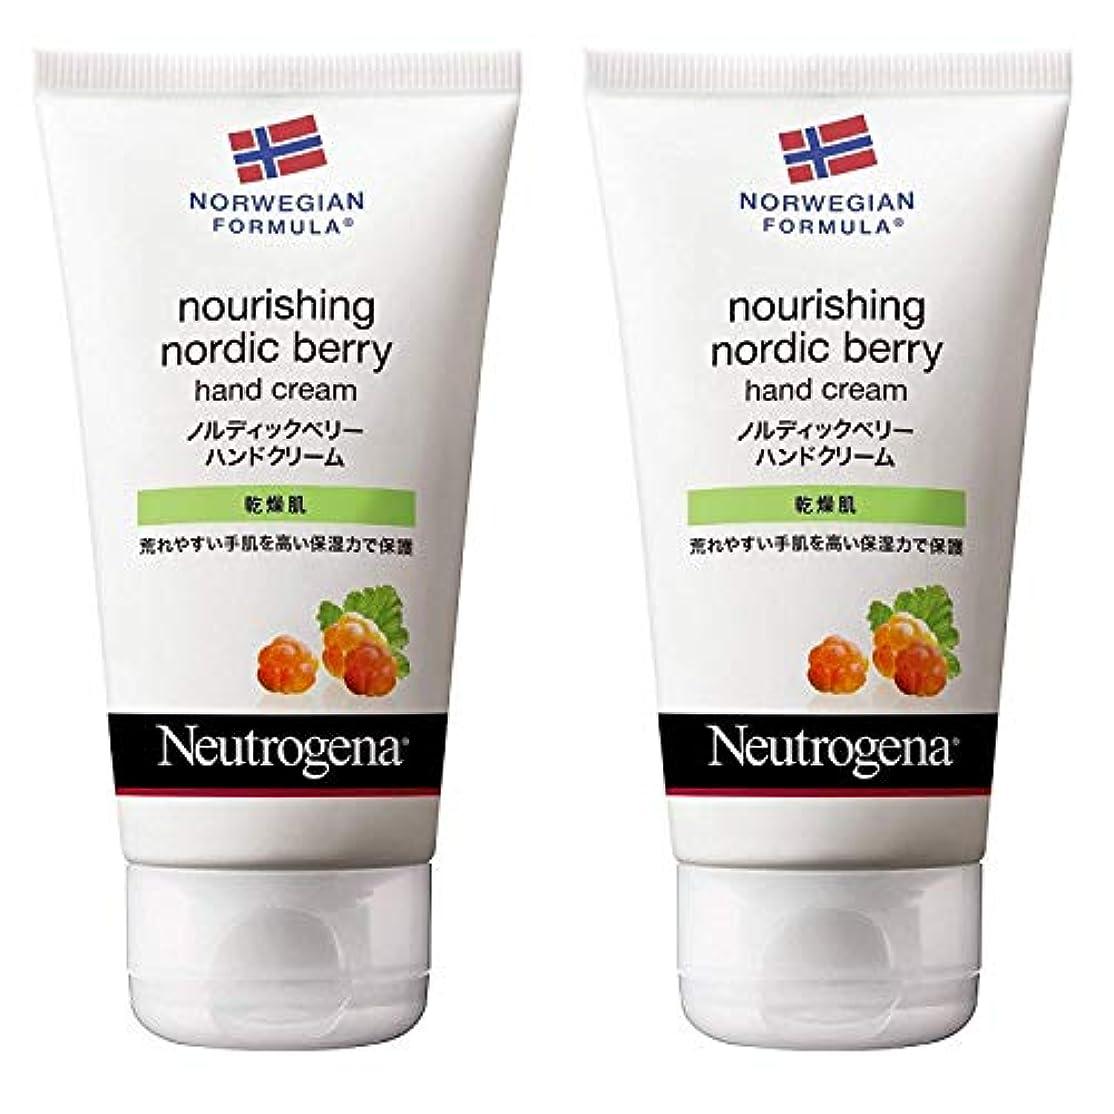 走る経過樹木[2個セット]Neutrogena(ニュートロジーナ)ノルウェーフォーミュラ ノルディックベリー ハンドクリーム 75g